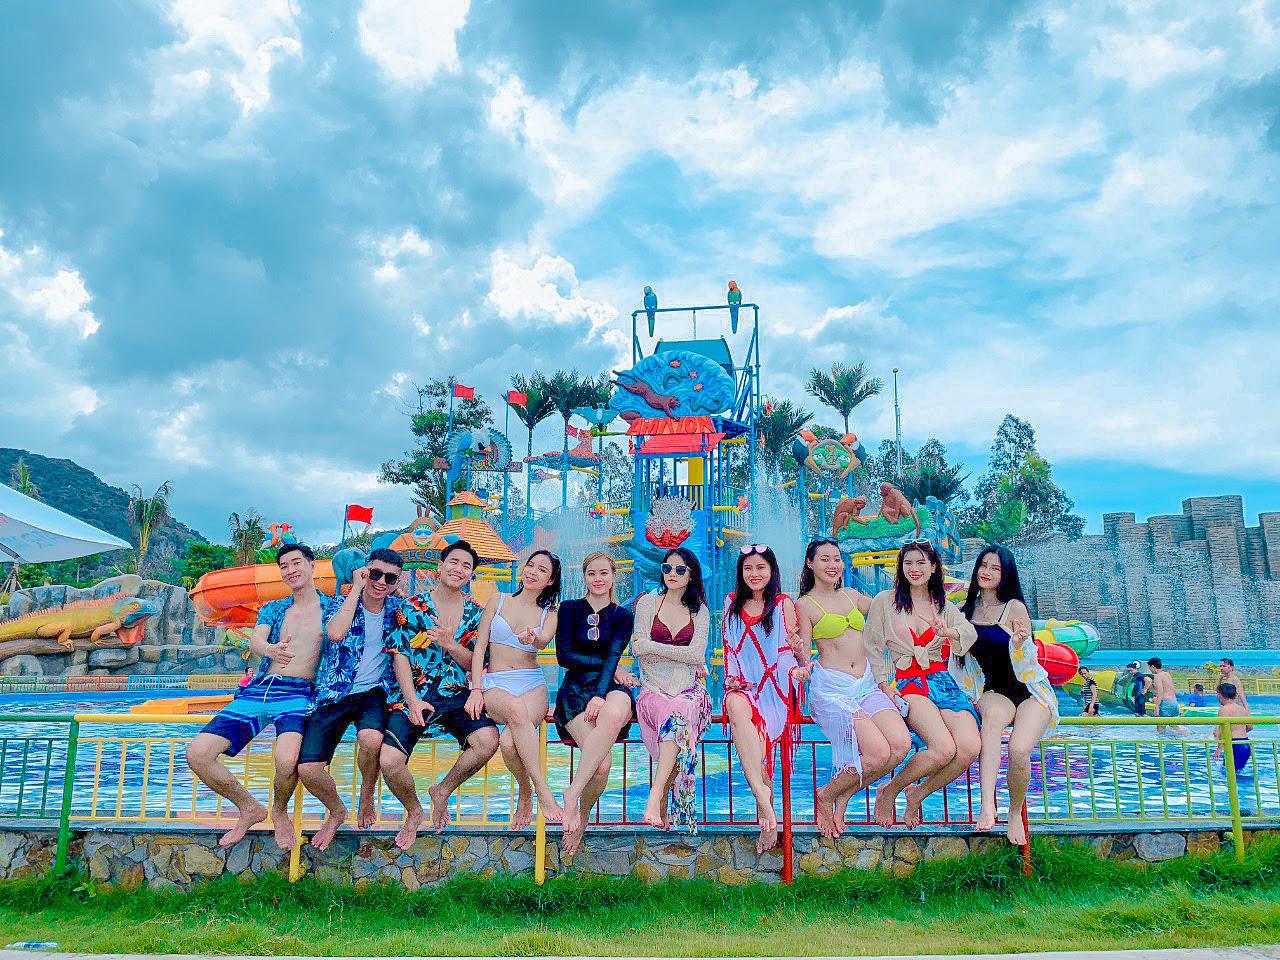 Điểm đến giải nhiệt mùa hè không thể bỏ qua của giới trẻ tại công viên nước Thanh Long Water Park An Giang - Ảnh 2.